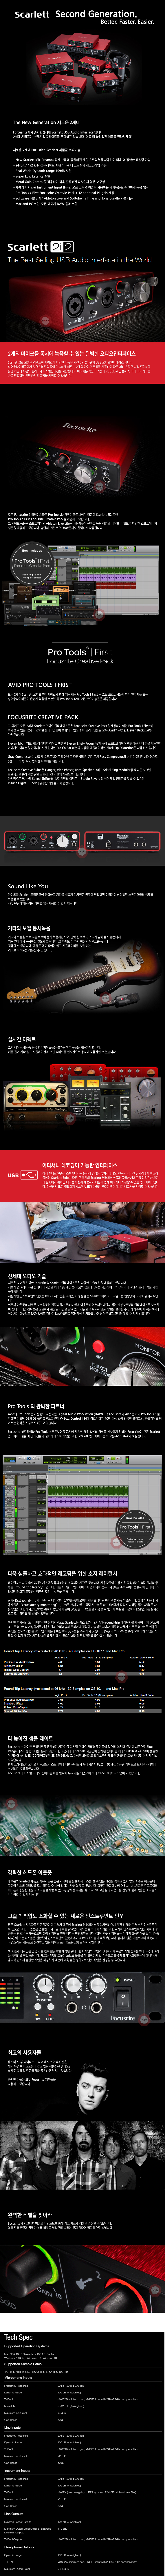 Scarlett-2i2-2G-info.JPG